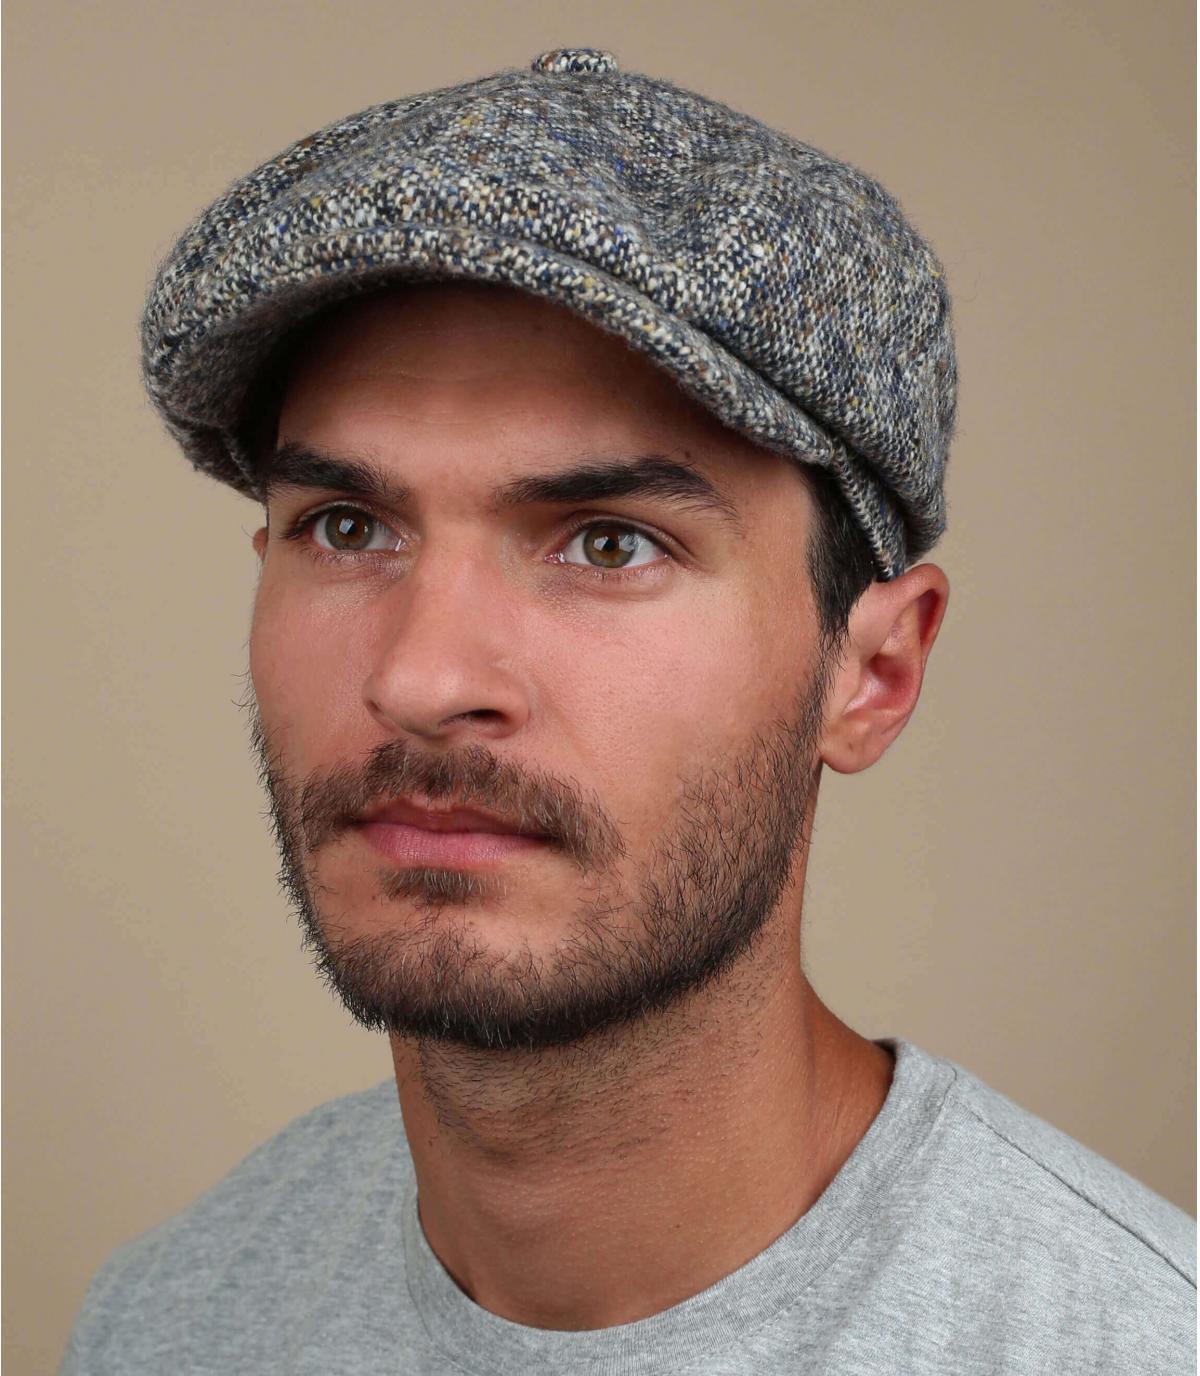 Cappellino titi parisien